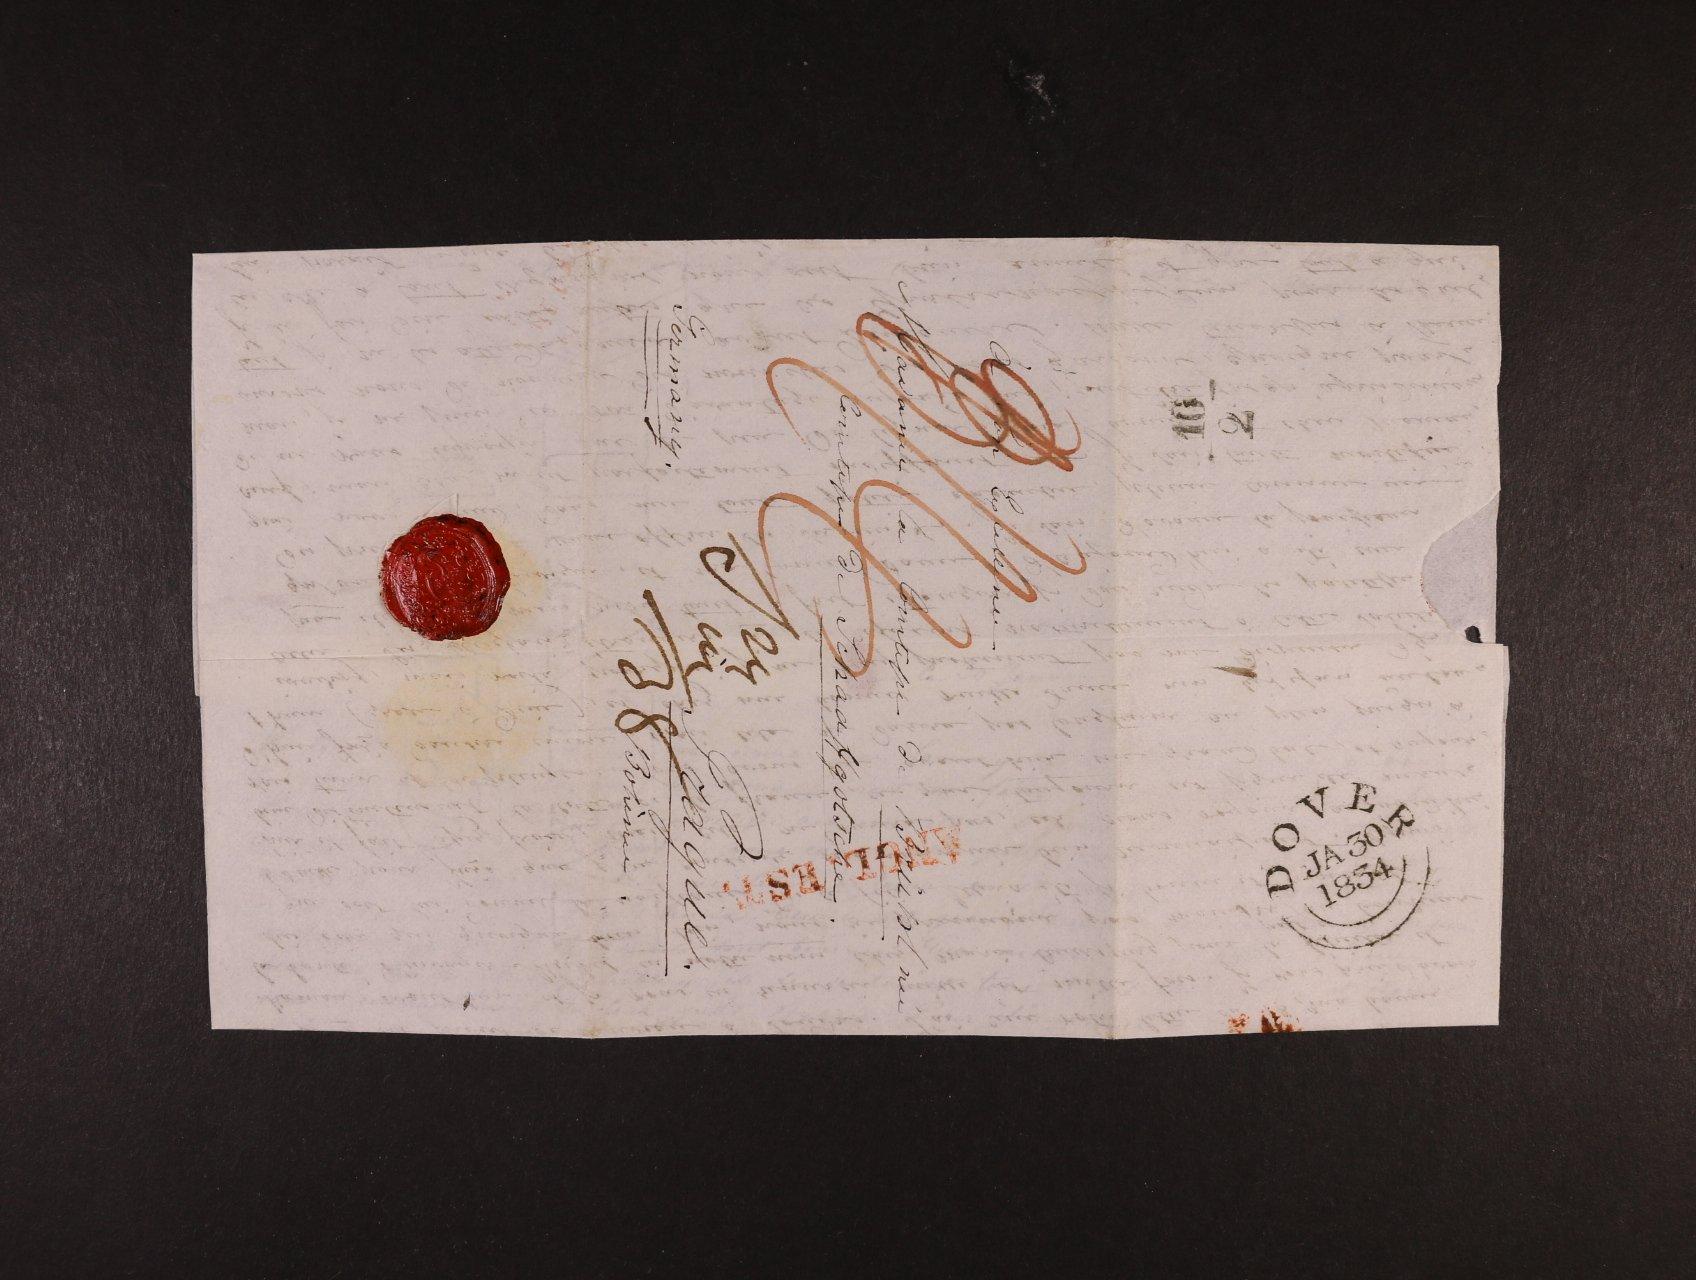 skl. dopis do Čech z r. 1834 s řádkovým červeným raz. ANGL. EST., průch. raz. DOVER JA. 30.1834, neporušená pečeť, dobrá kvalita, zajímavé